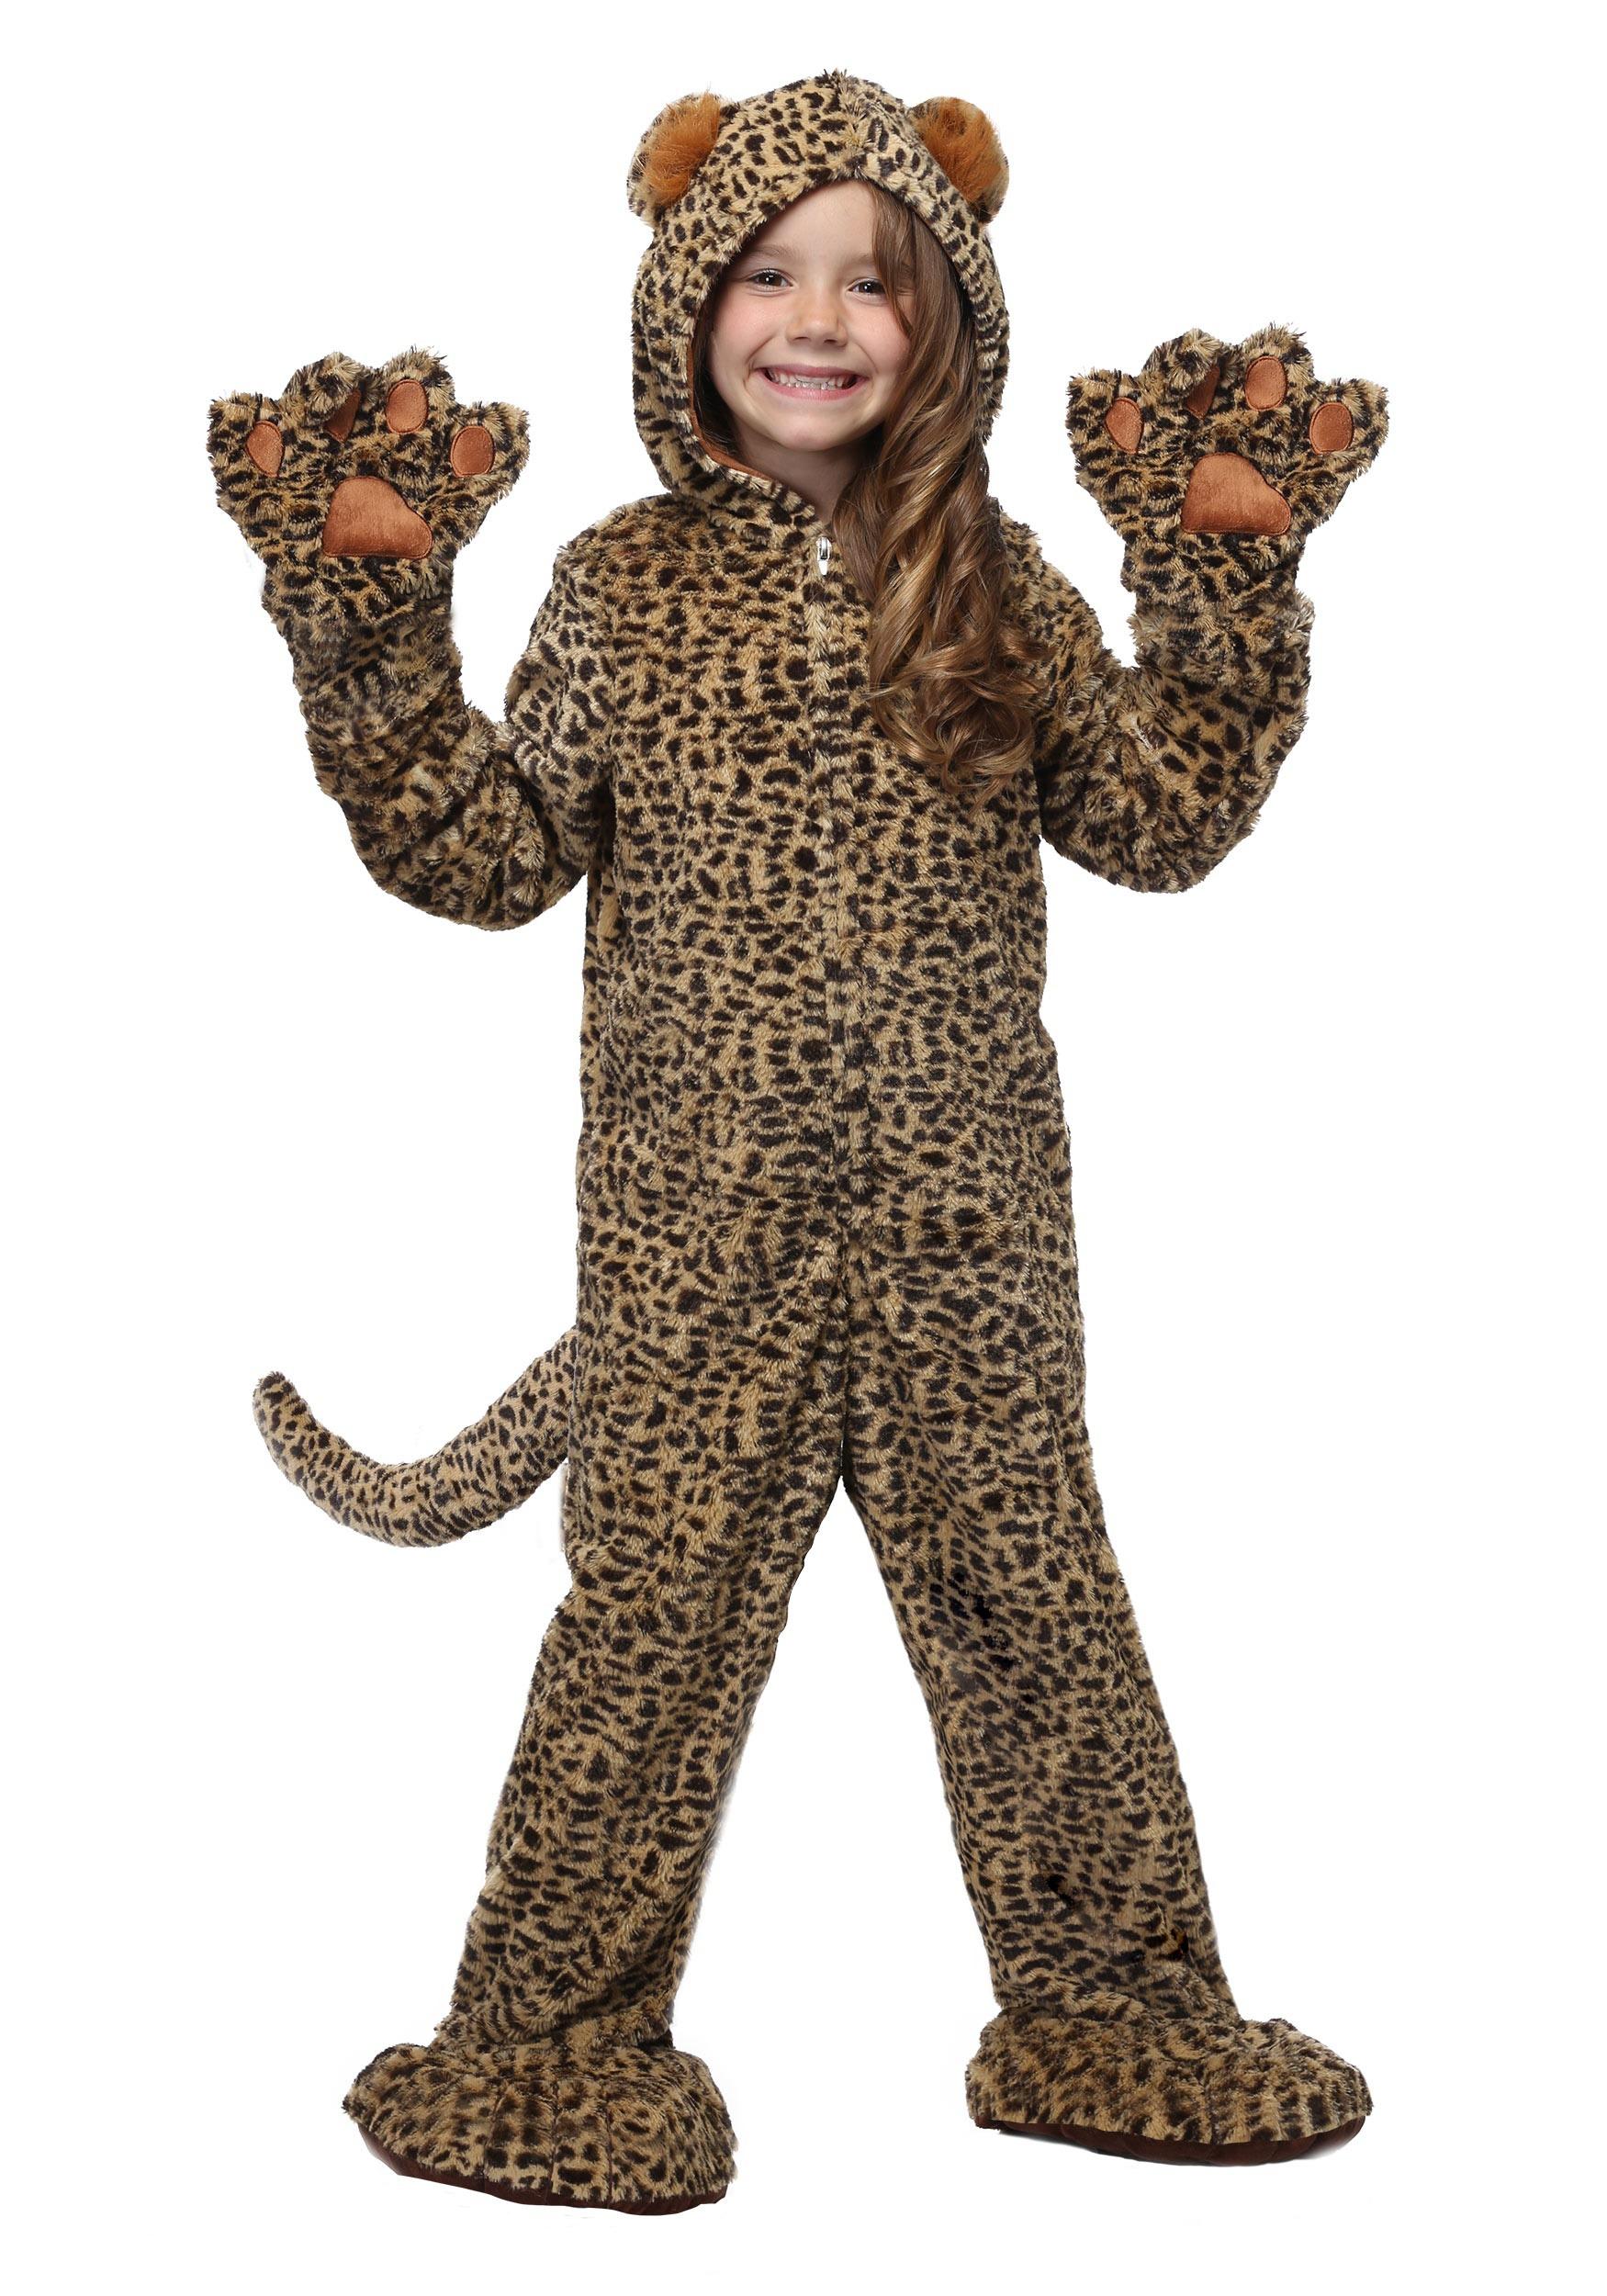 d00a575de6c5 Premium Leopard Costume for Kids